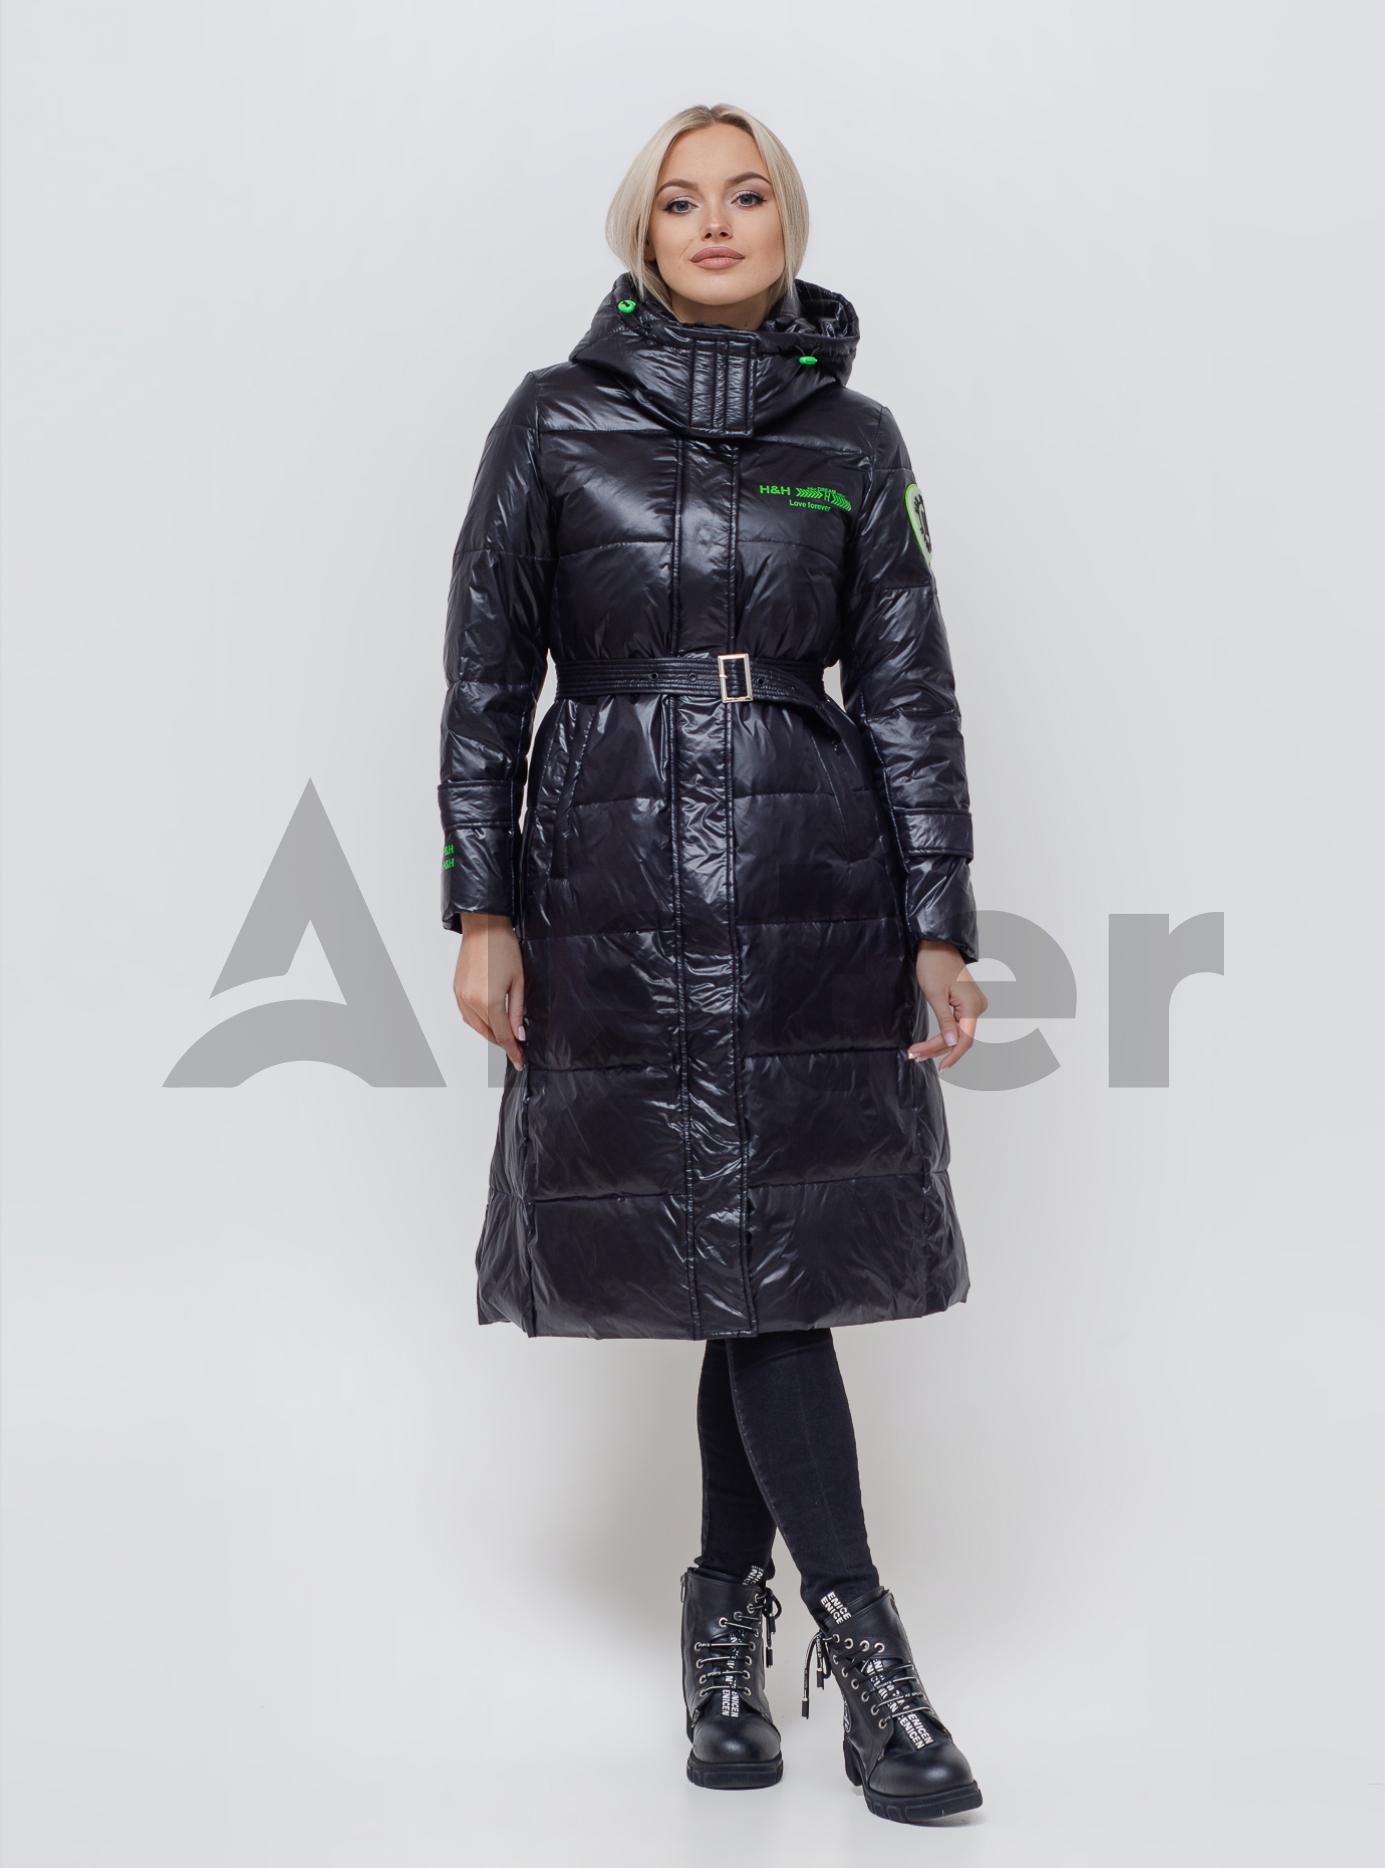 Пуховик женский Чёрный M (06-KL201210): фото - Alster.ua